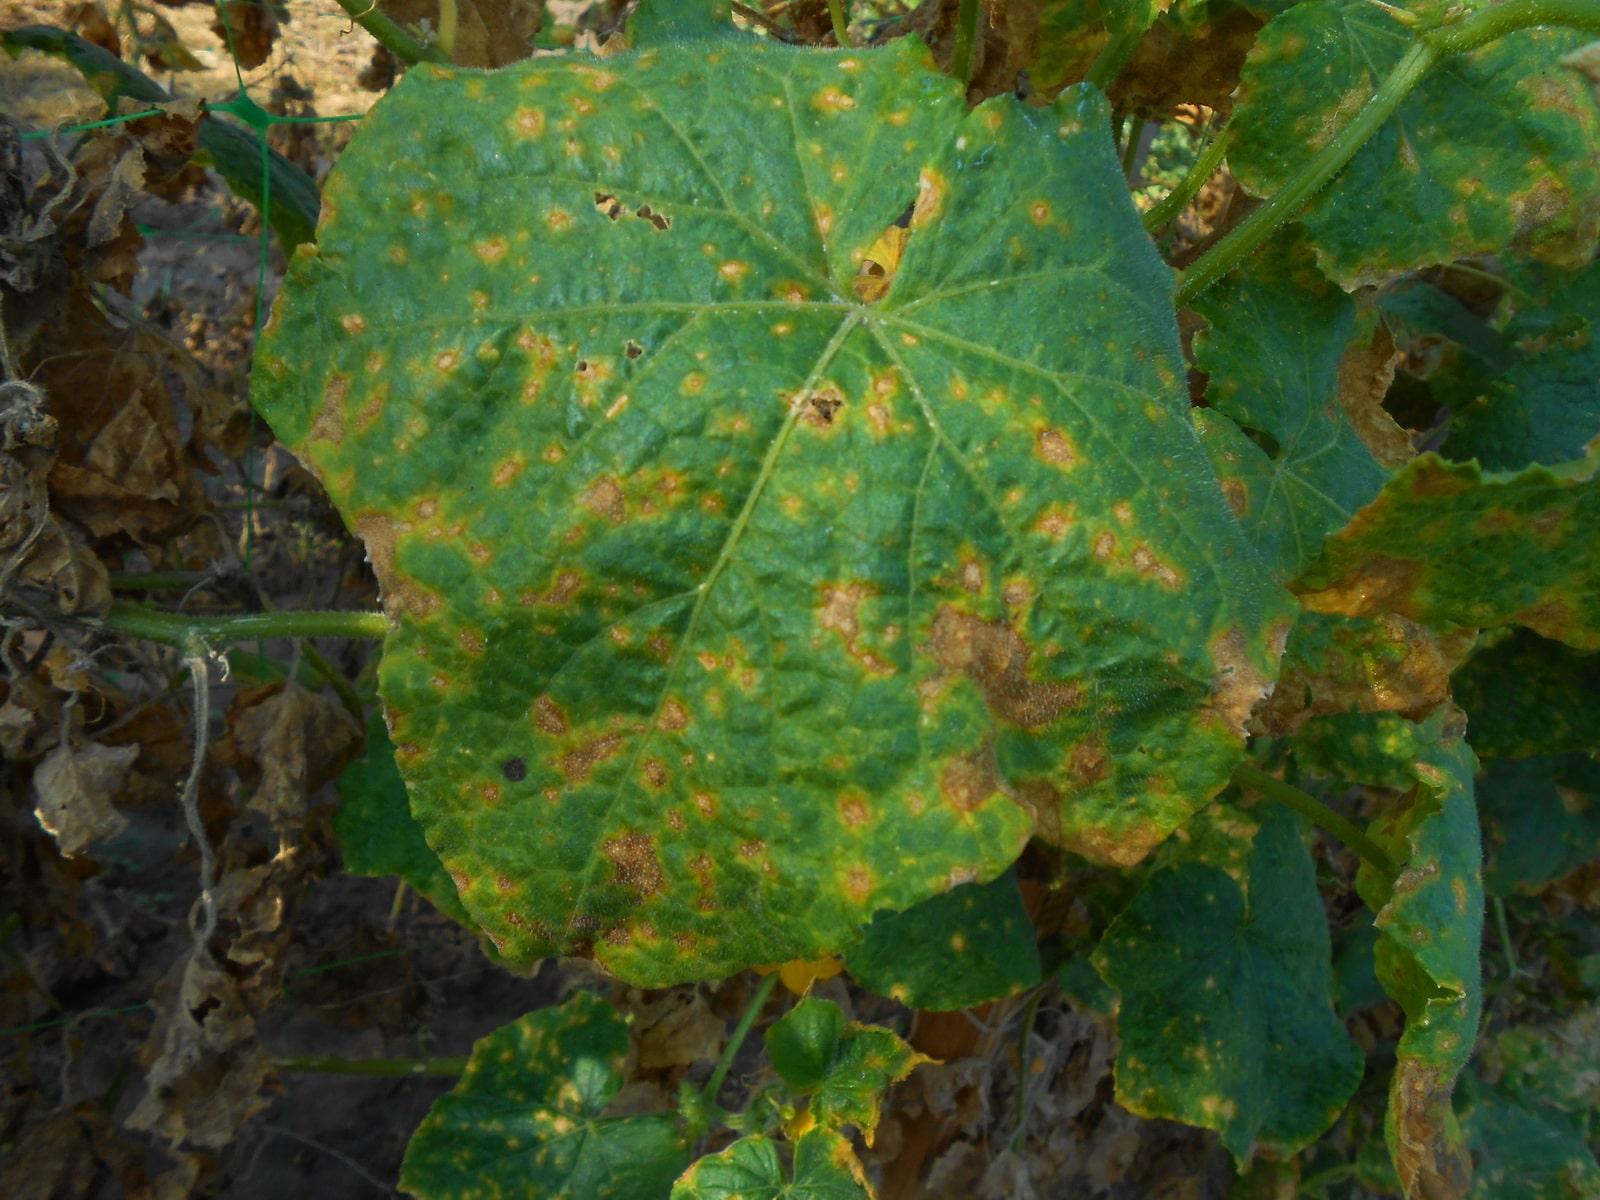 На огурцах ржавые пятна на листьях: причины и способы защиты